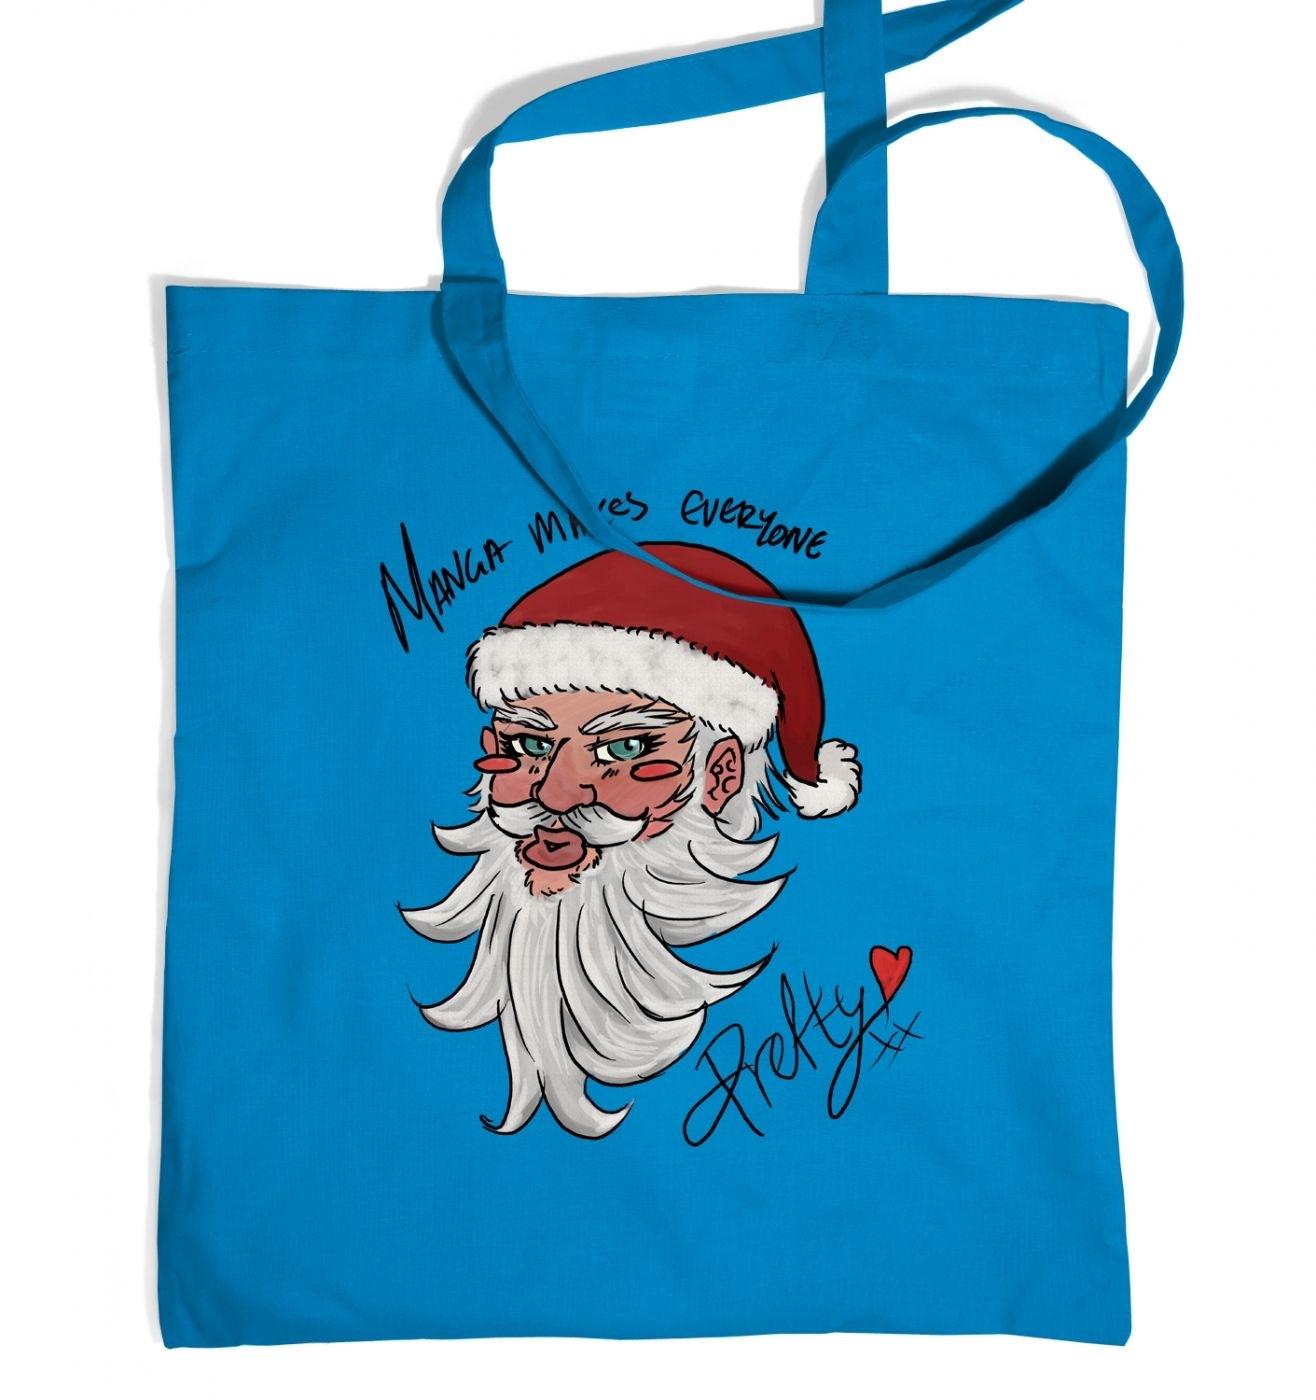 Manga Santa Tote Bag